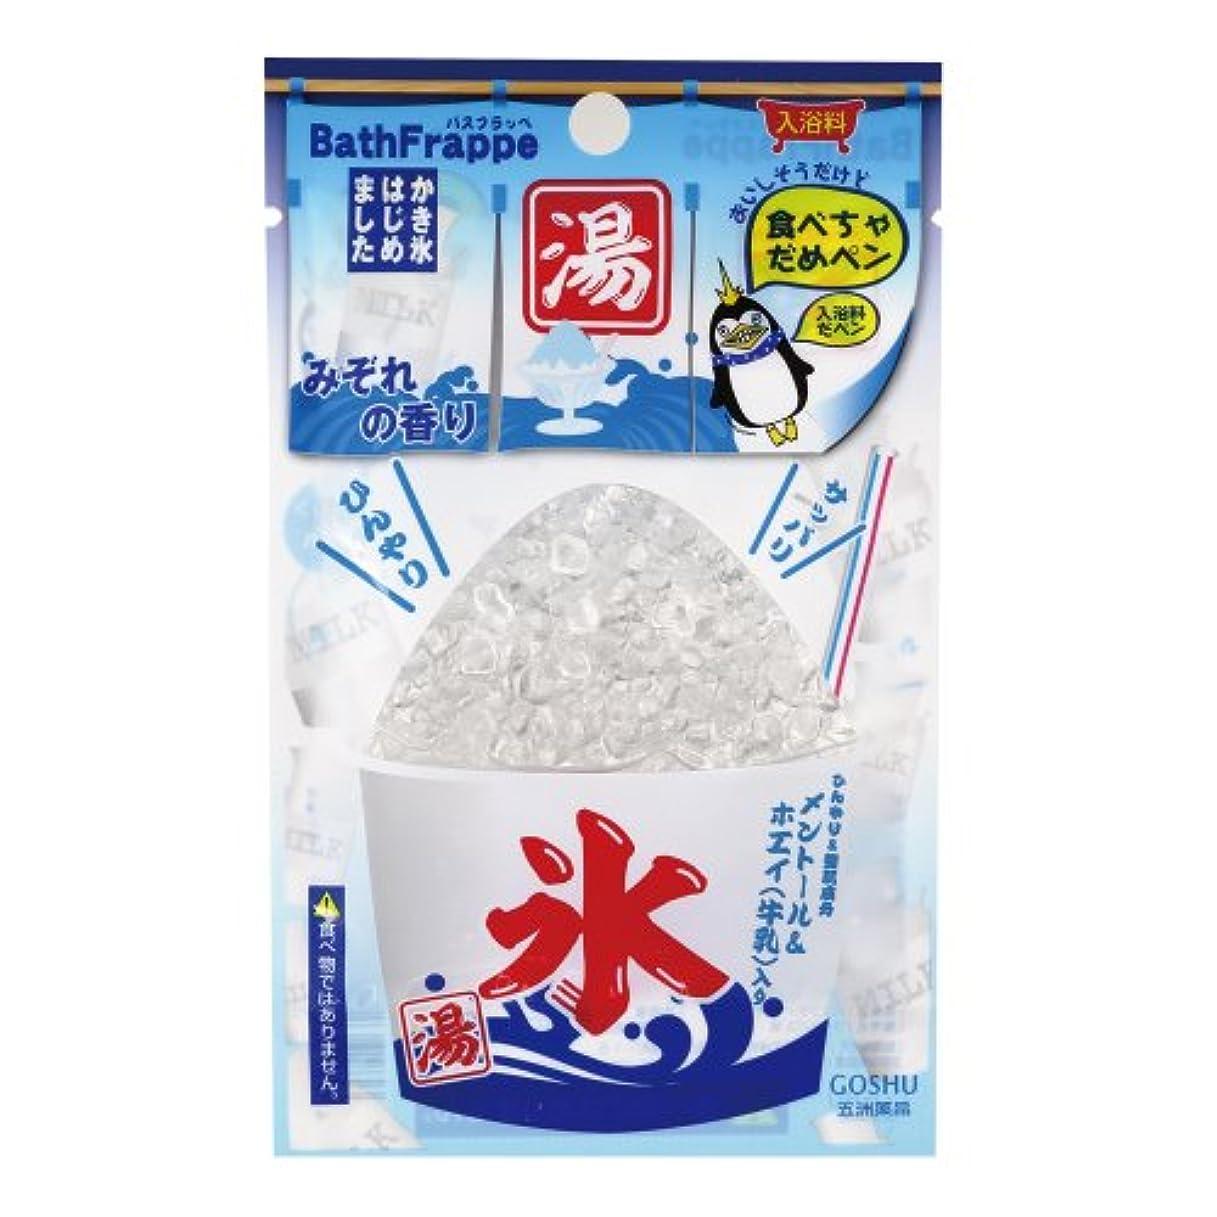 プロトタイプ異議すなわち五洲薬品 かき氷風入浴剤 バスフラッペ みぞれの香り 1箱(10包入)